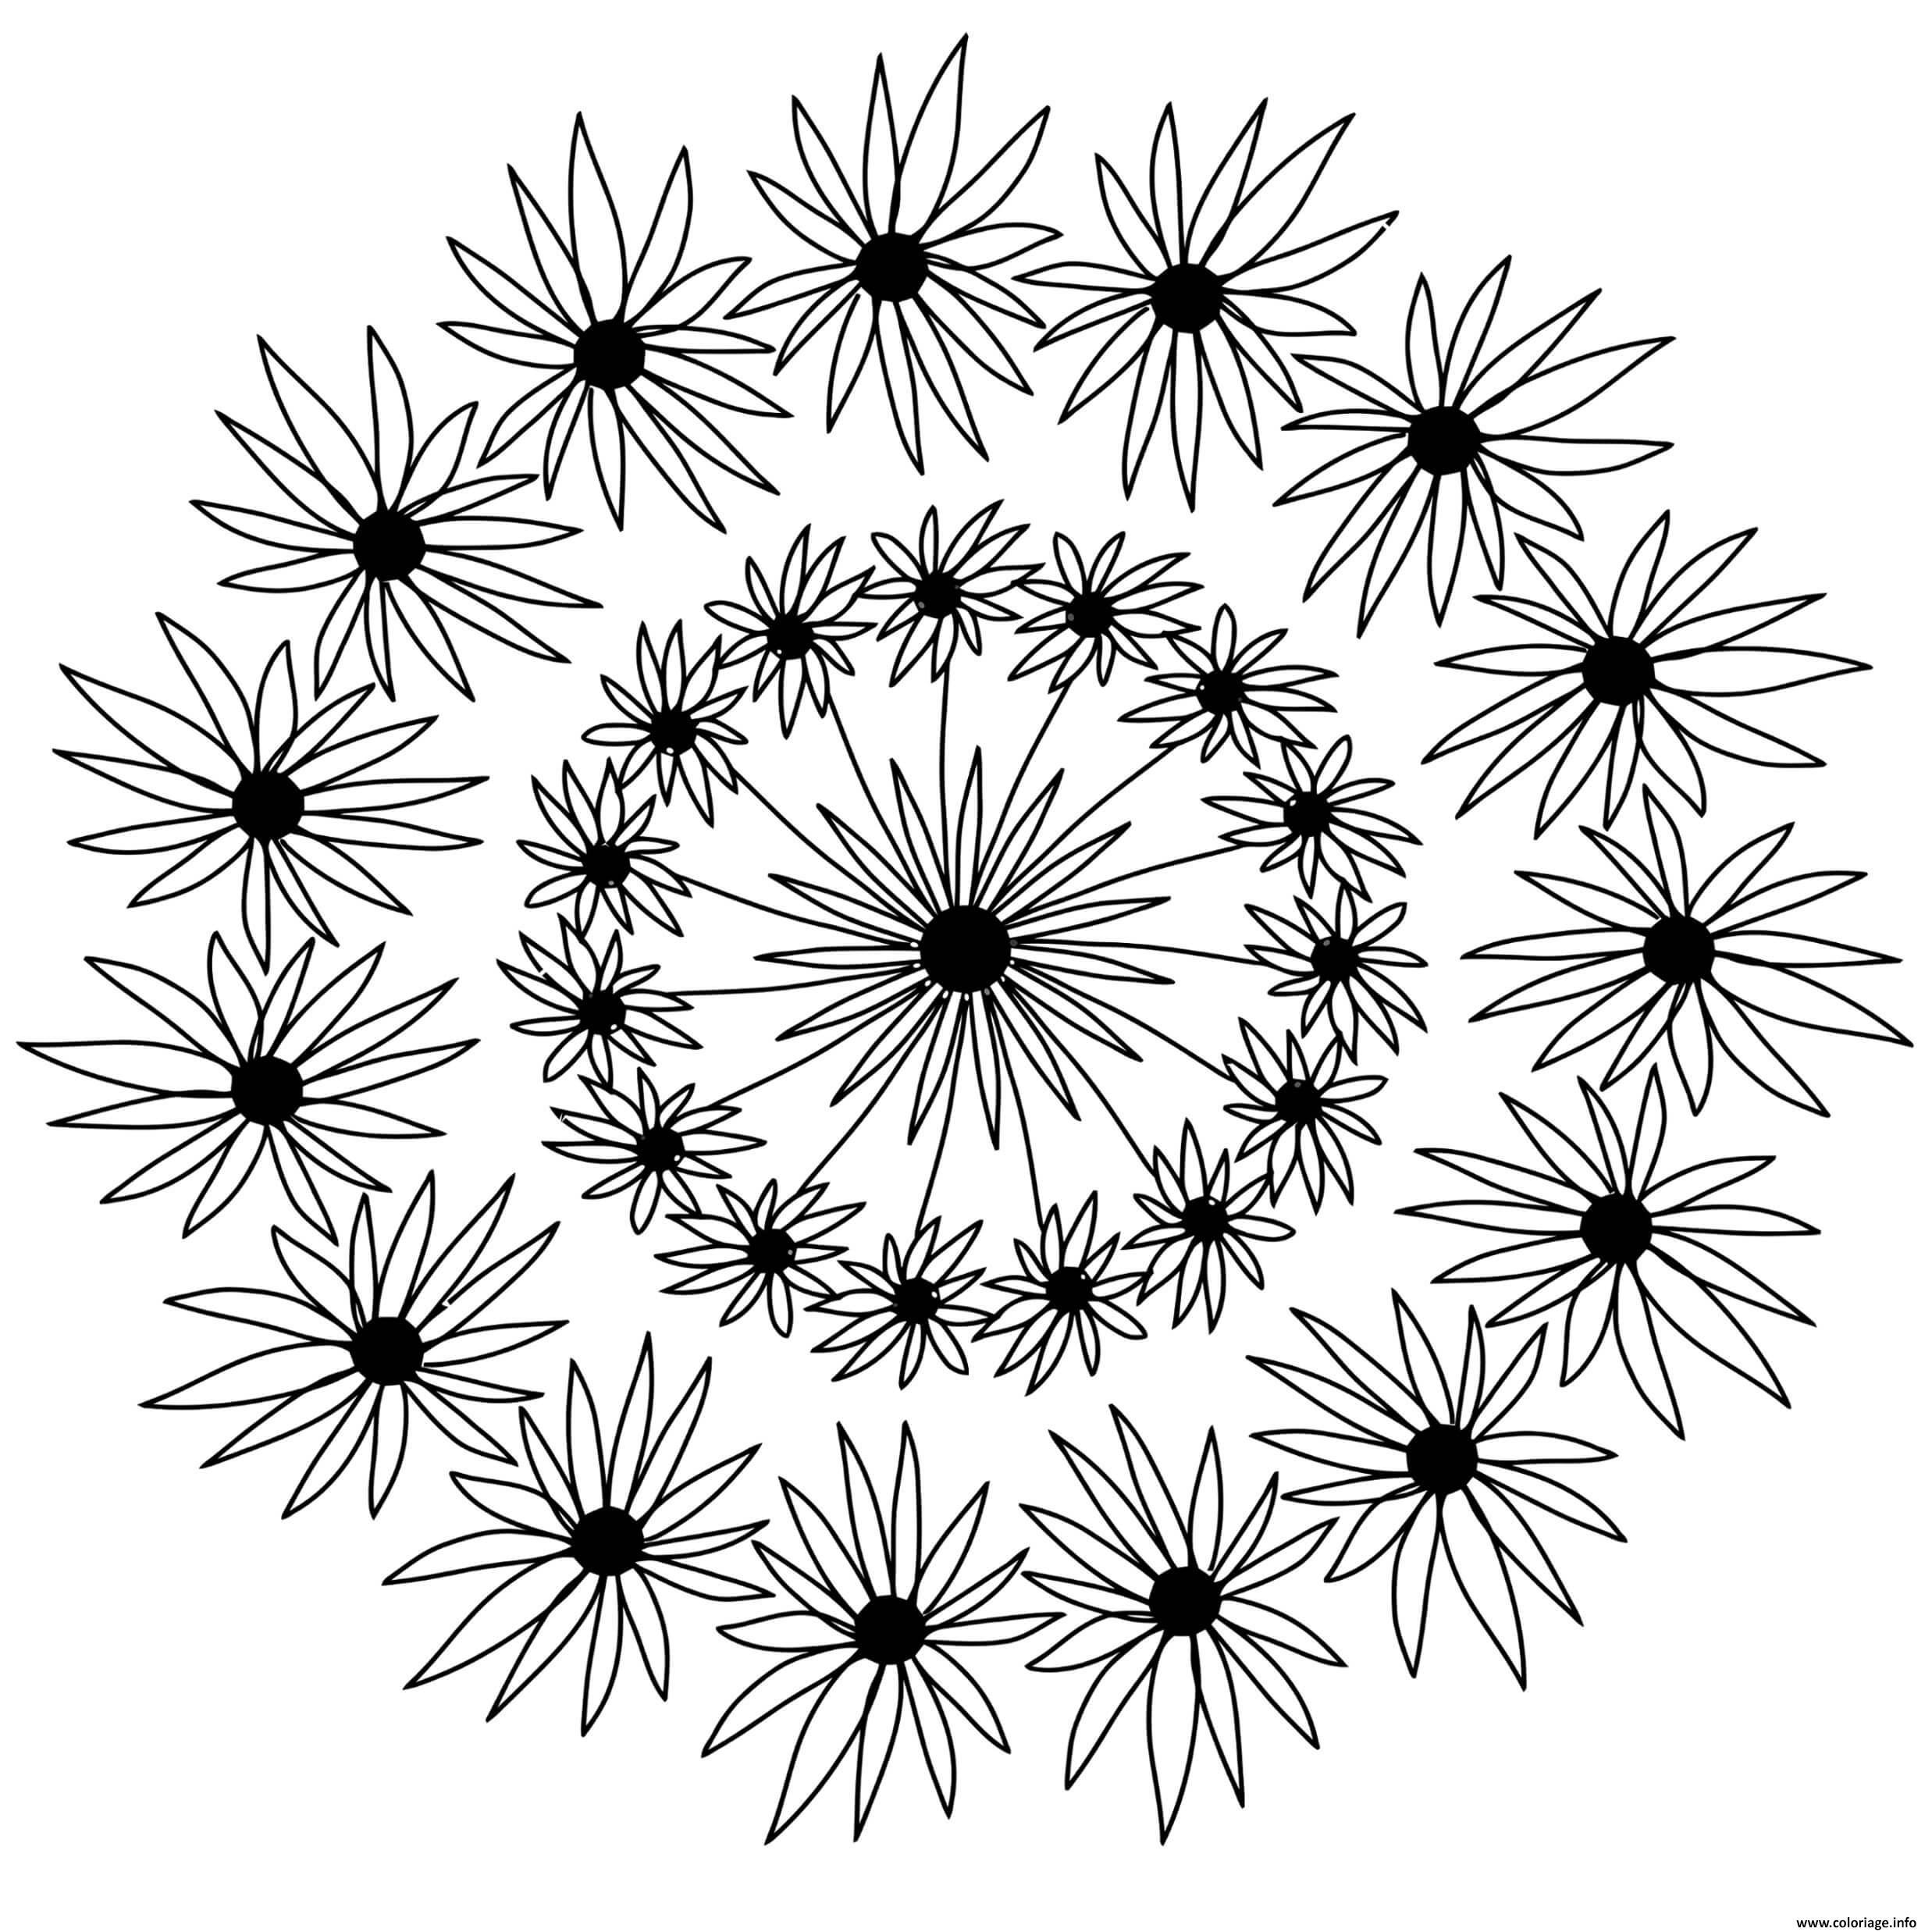 Dessin flowers mandala adulte fleurs Coloriage Gratuit à Imprimer